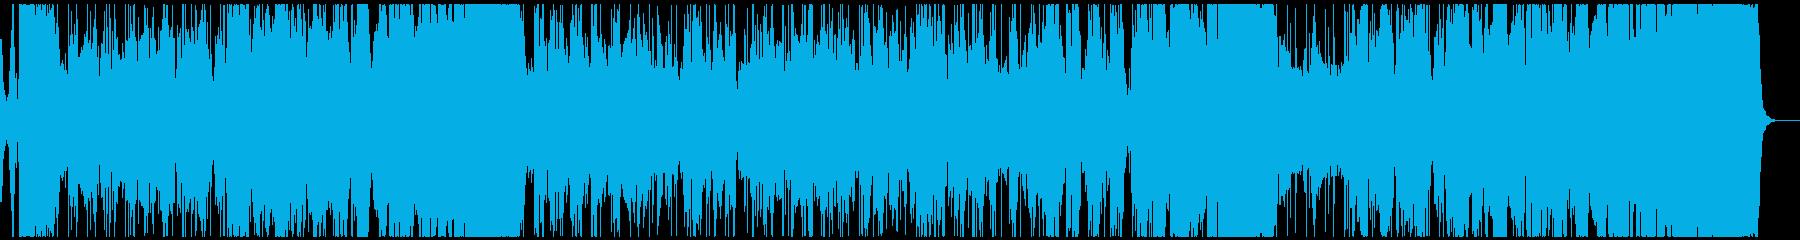 生演奏風打ち込みビックバンドジャズの再生済みの波形